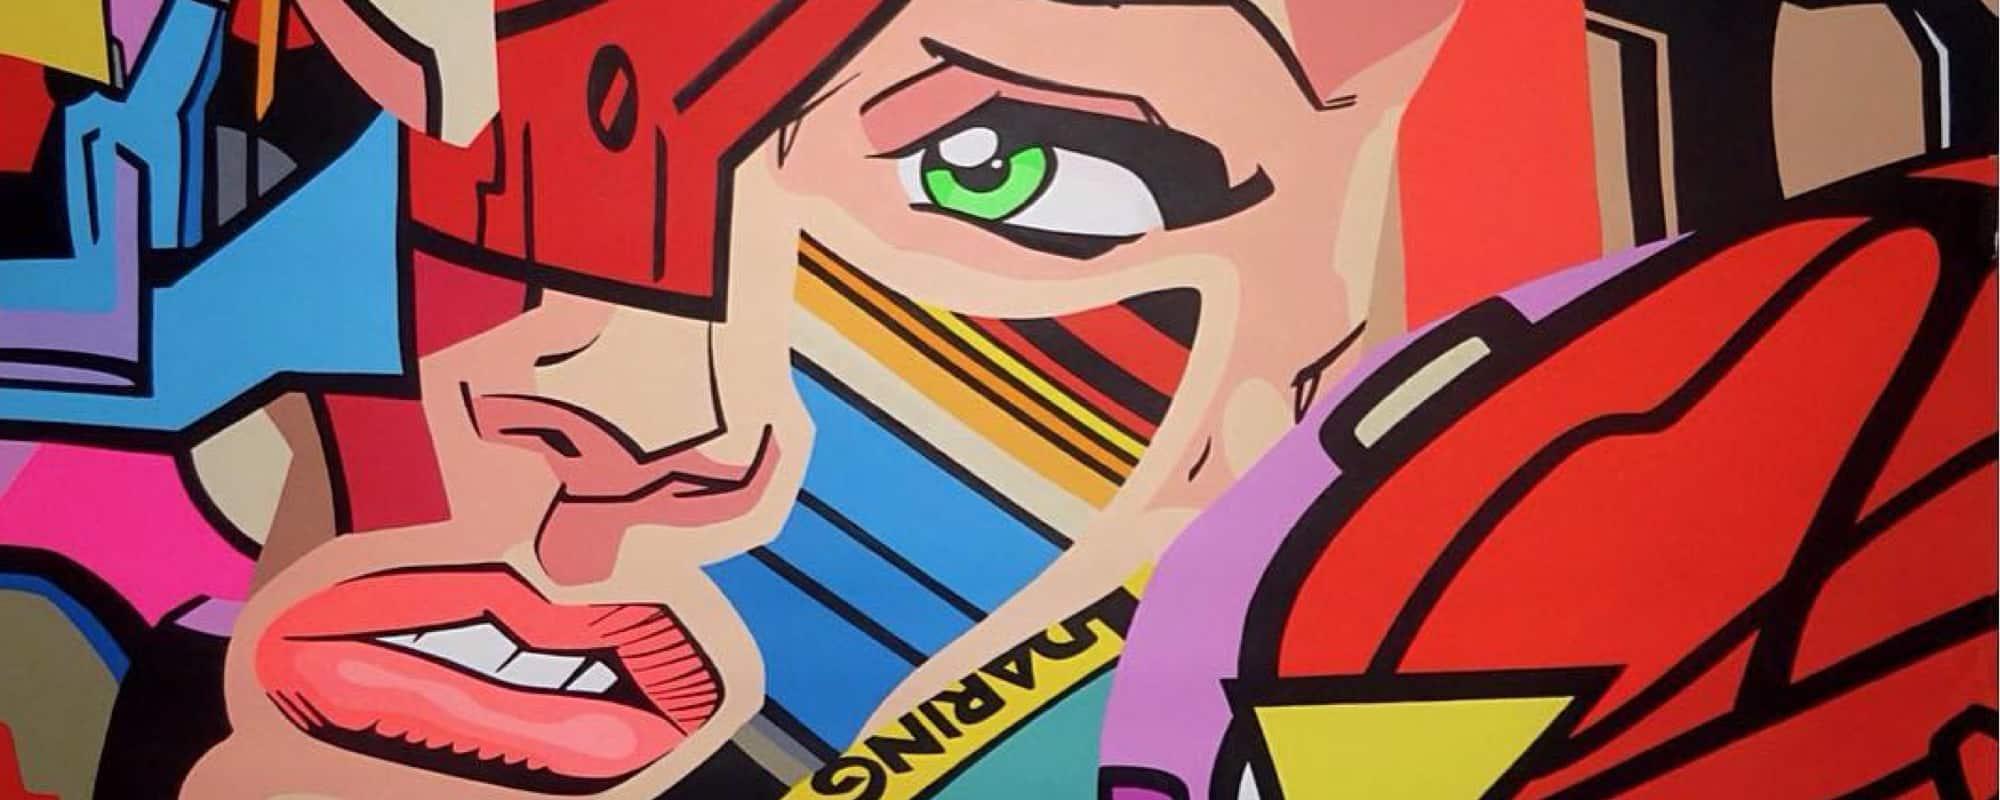 Street Artist : Pro176